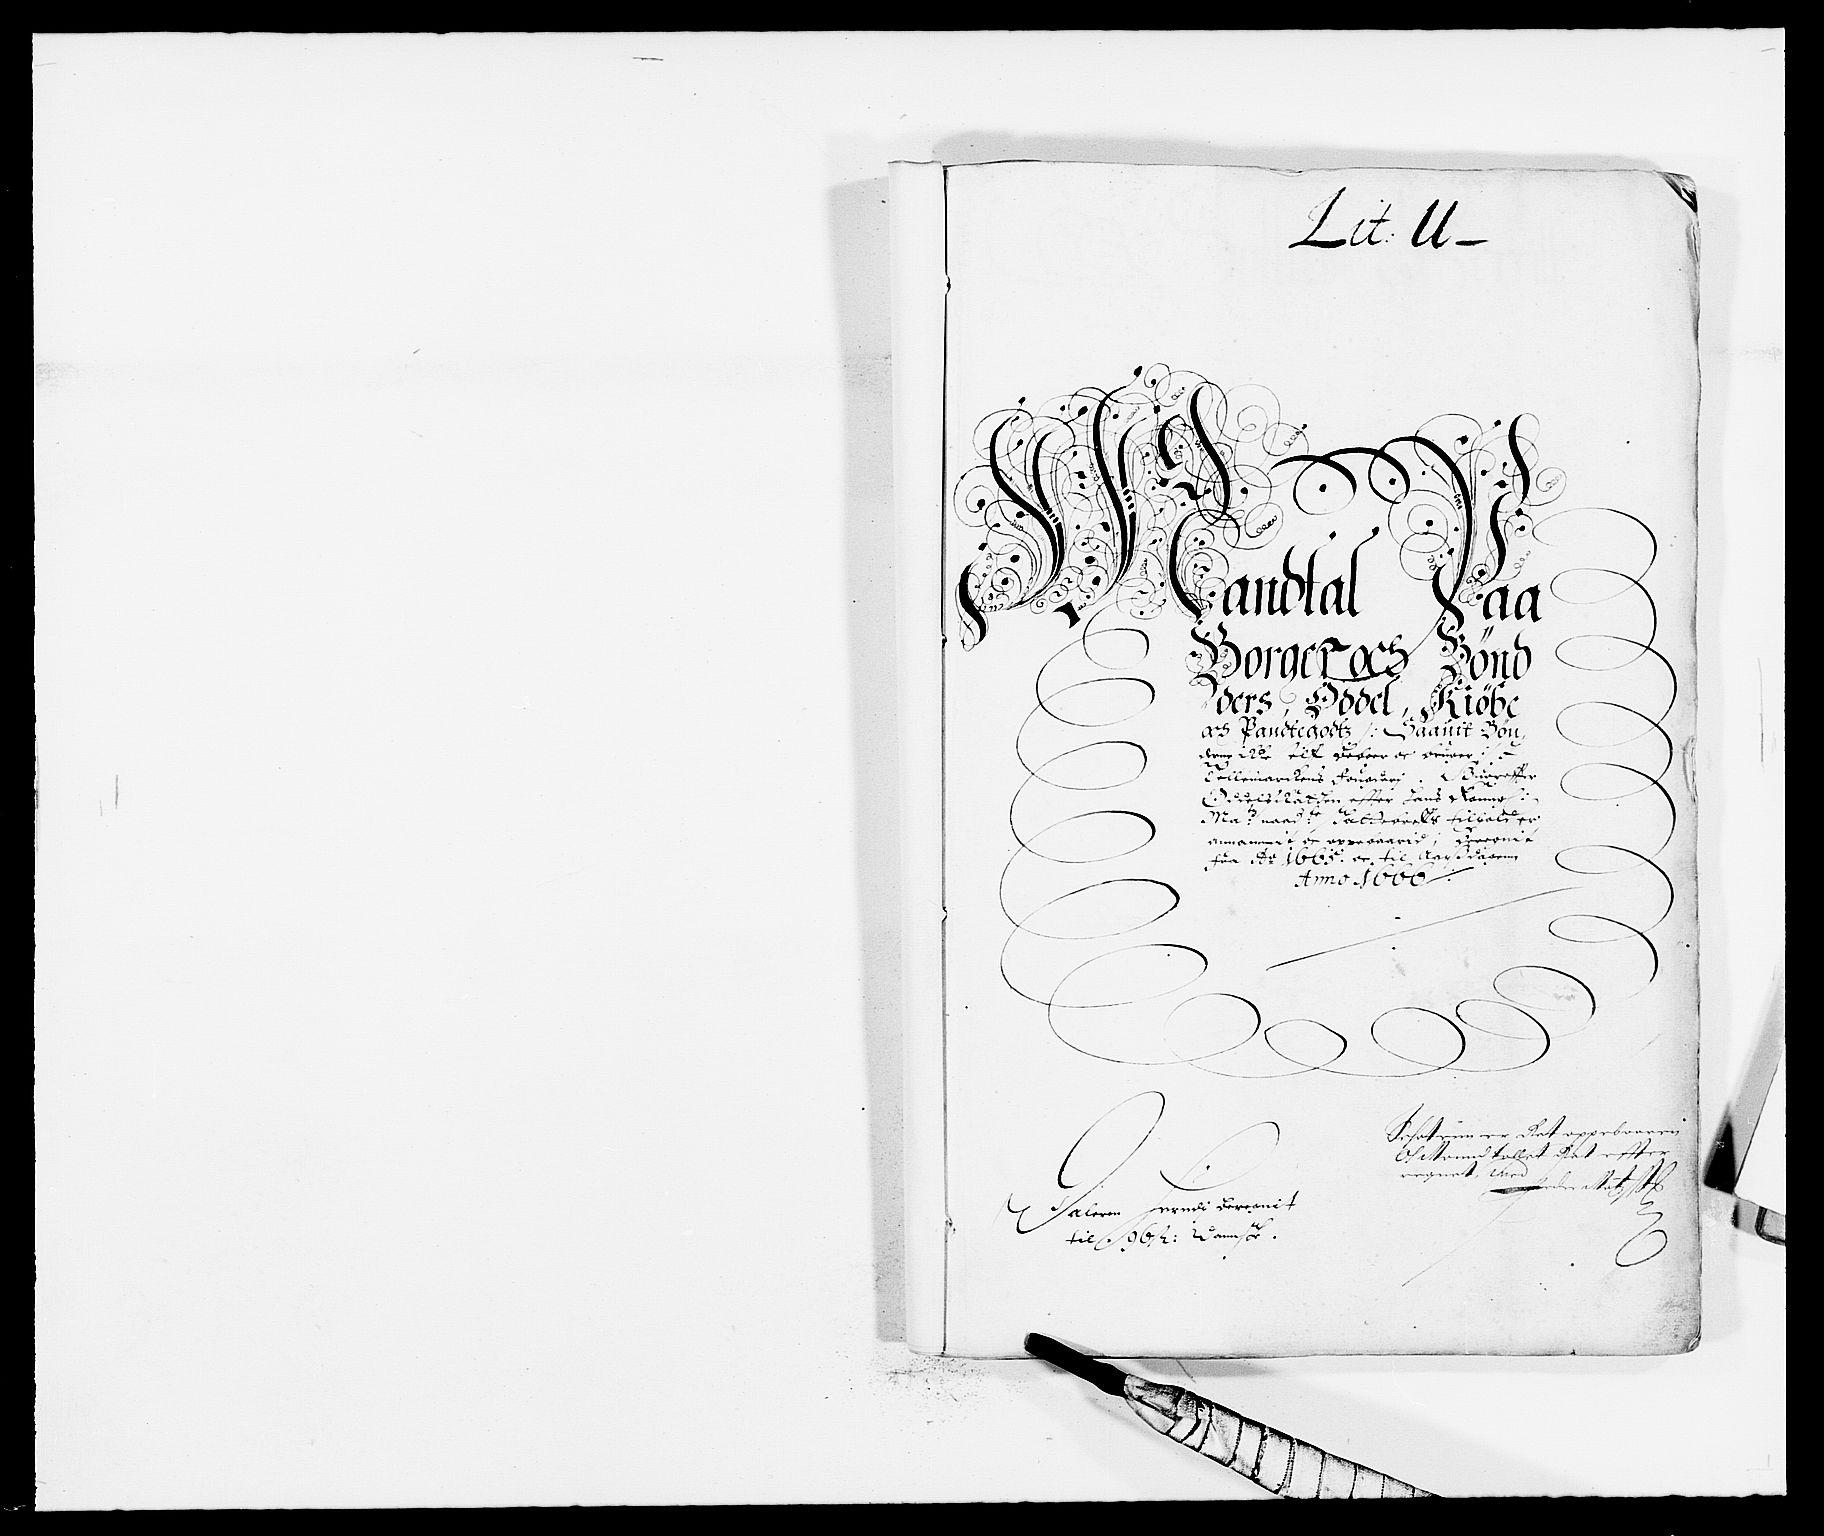 RA, Rentekammeret inntil 1814, Reviderte regnskaper, Fogderegnskap, R35/L2056: Fogderegnskap Øvre og Nedre Telemark, 1665, s. 147